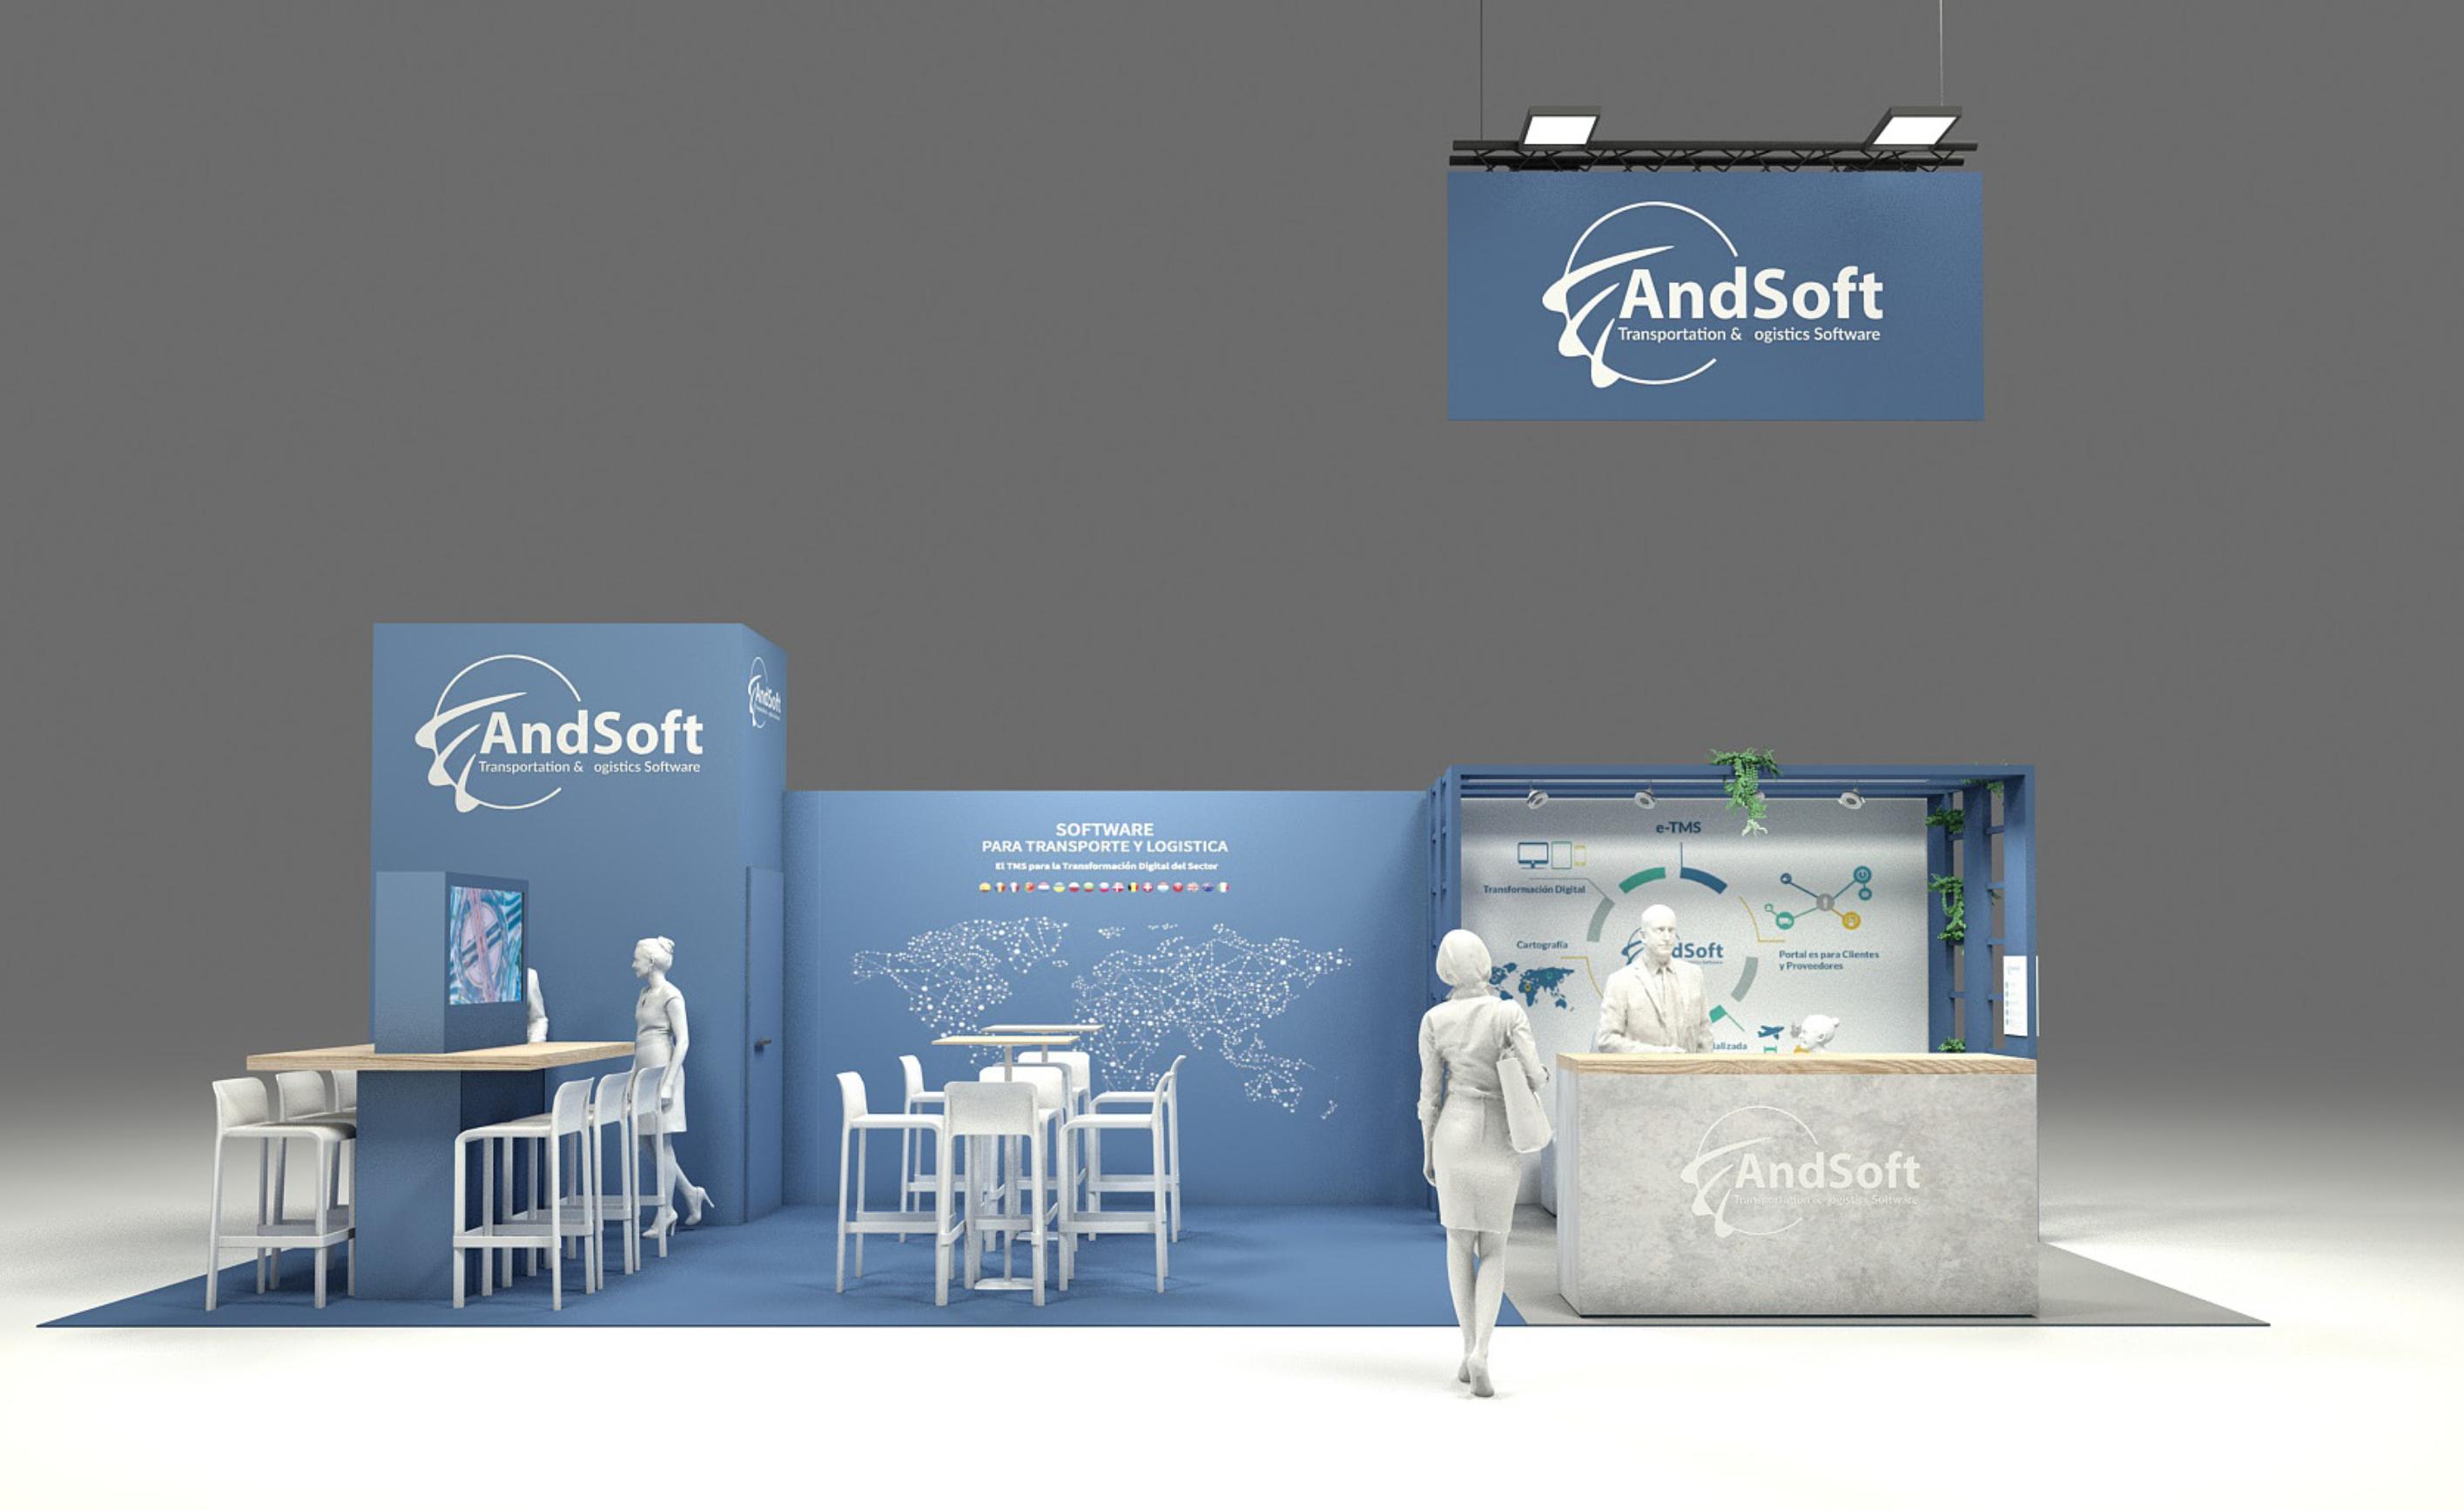 AndSoft: Stand 9D37 en Feria Logistics Madrid los días 24 y 25 de noviembre